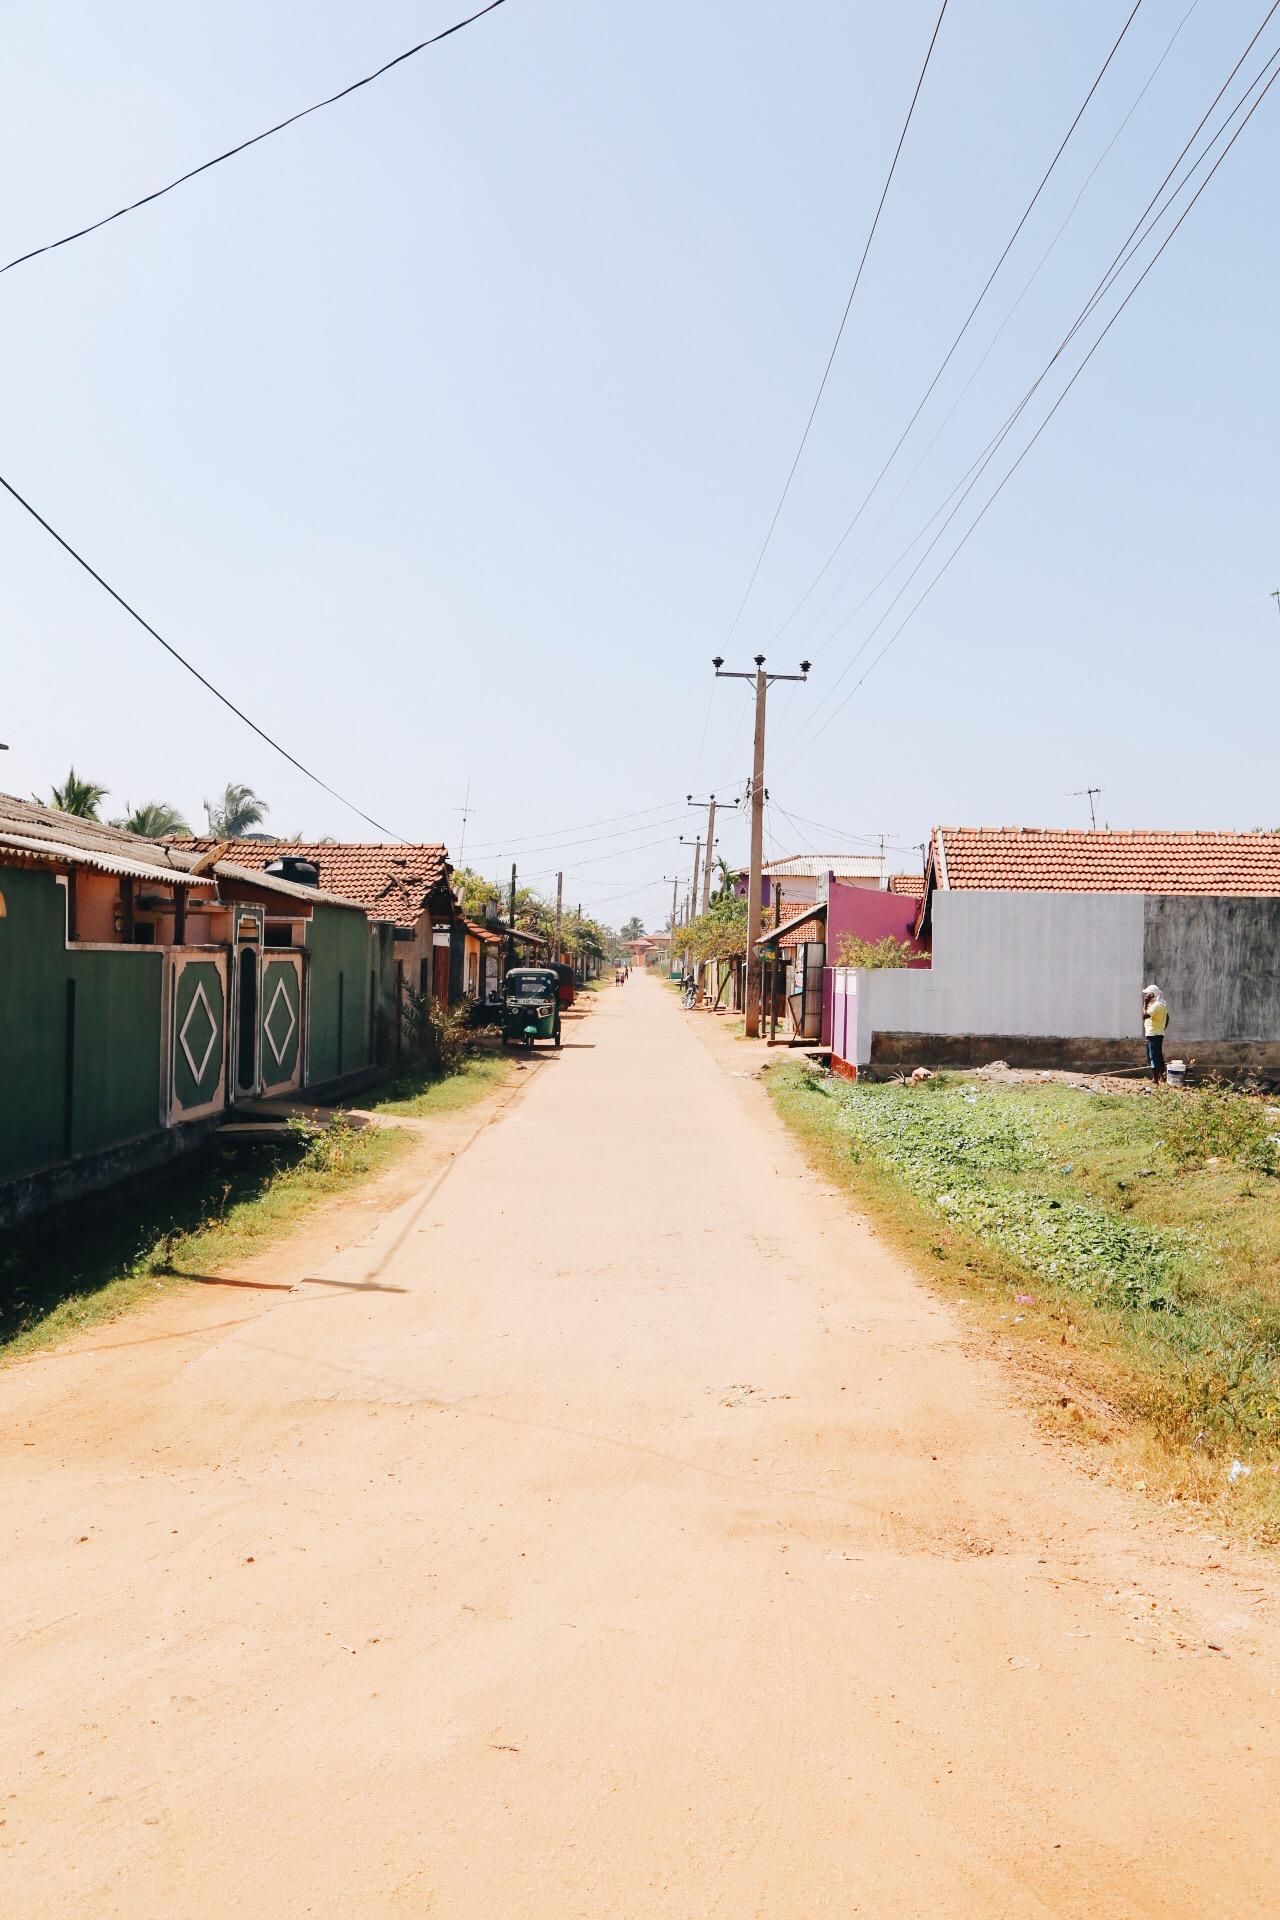 Scenes from Sri Lanka (13)